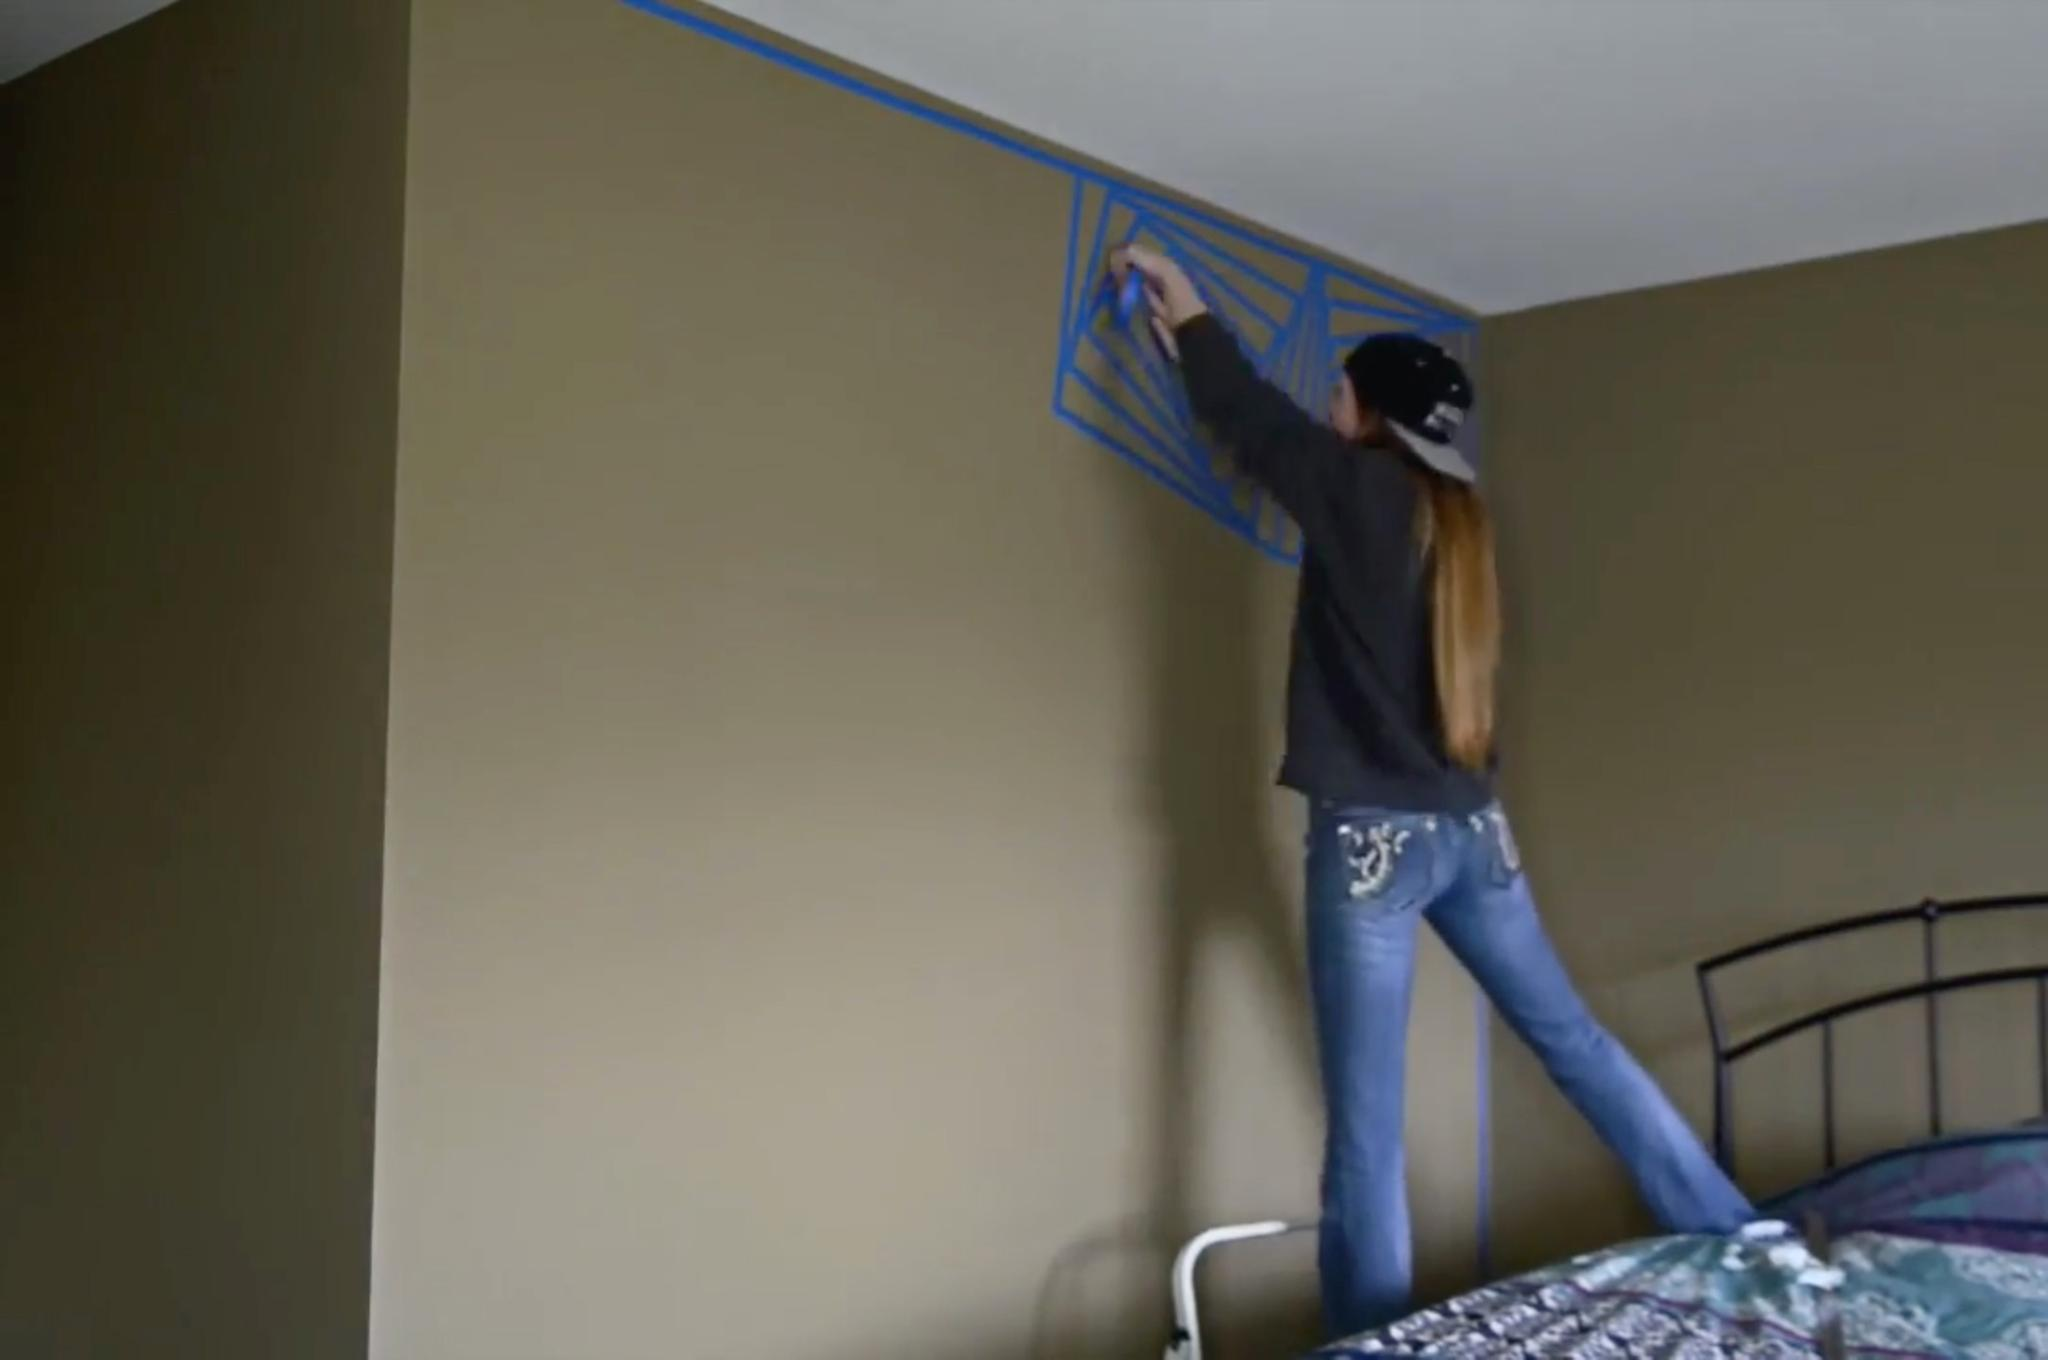 Wandgestaltung Selber Machen Die Coolste Idee Mit Klebeband